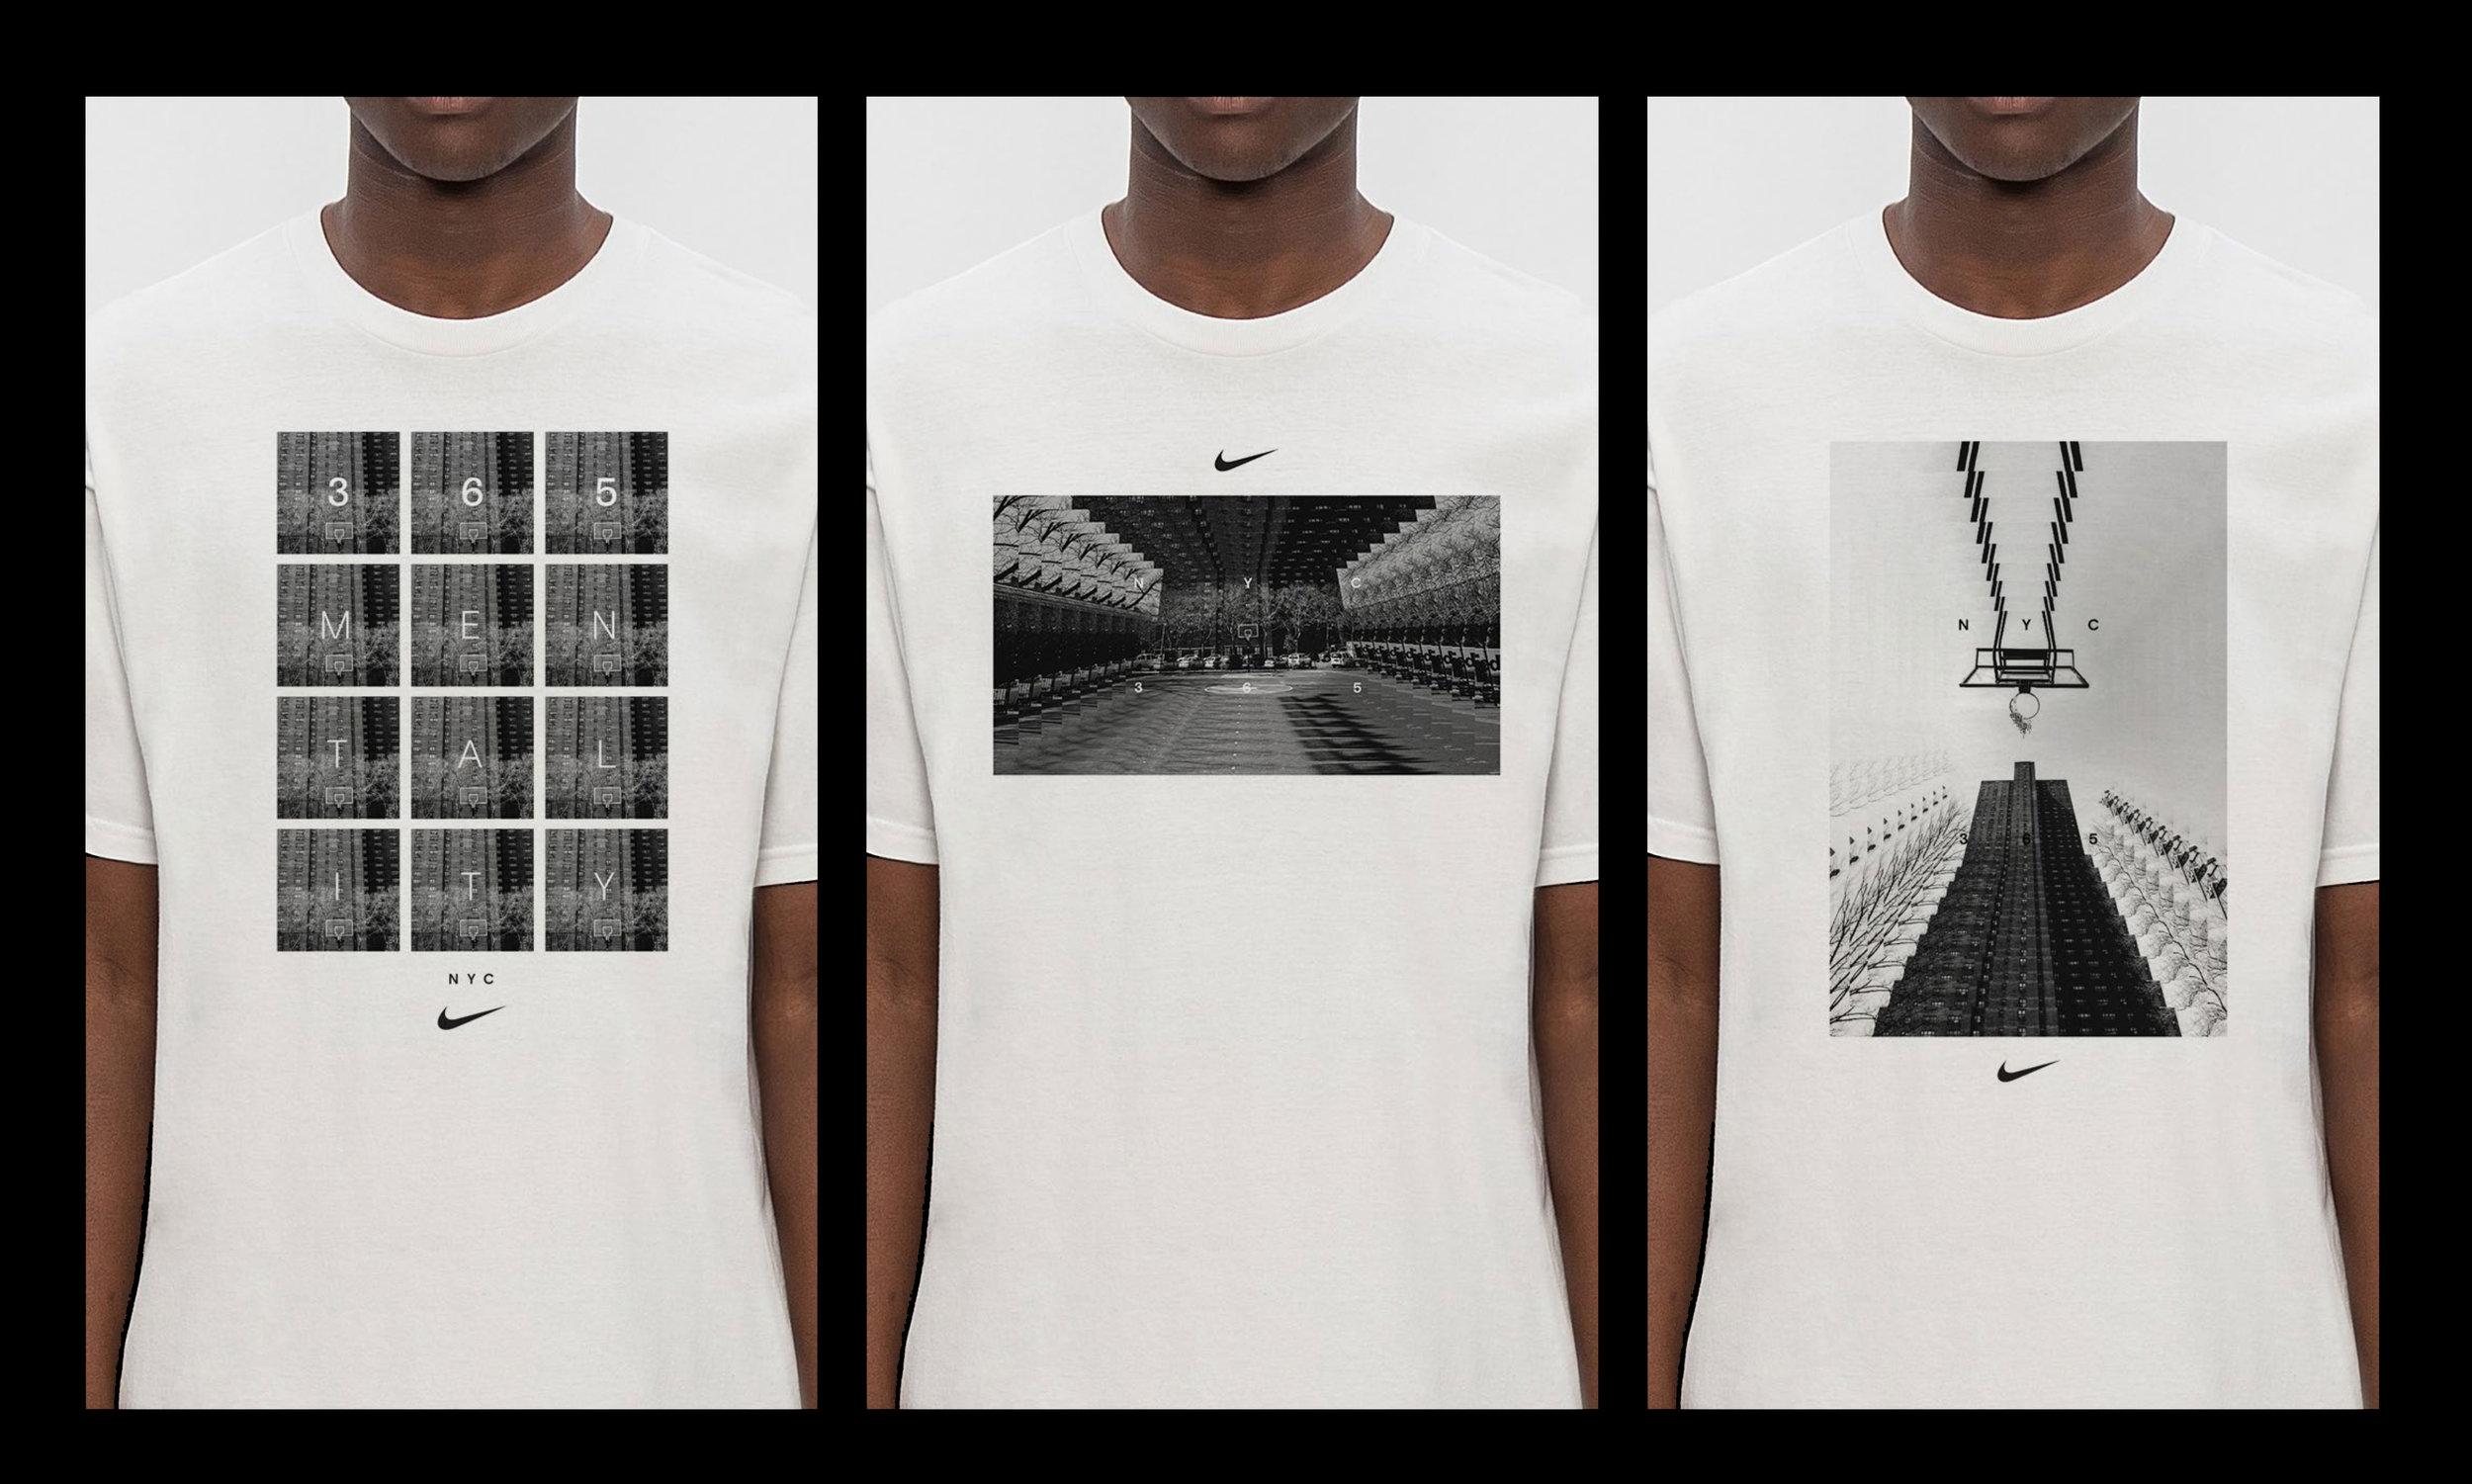 Nike_NYC_tom_bender_